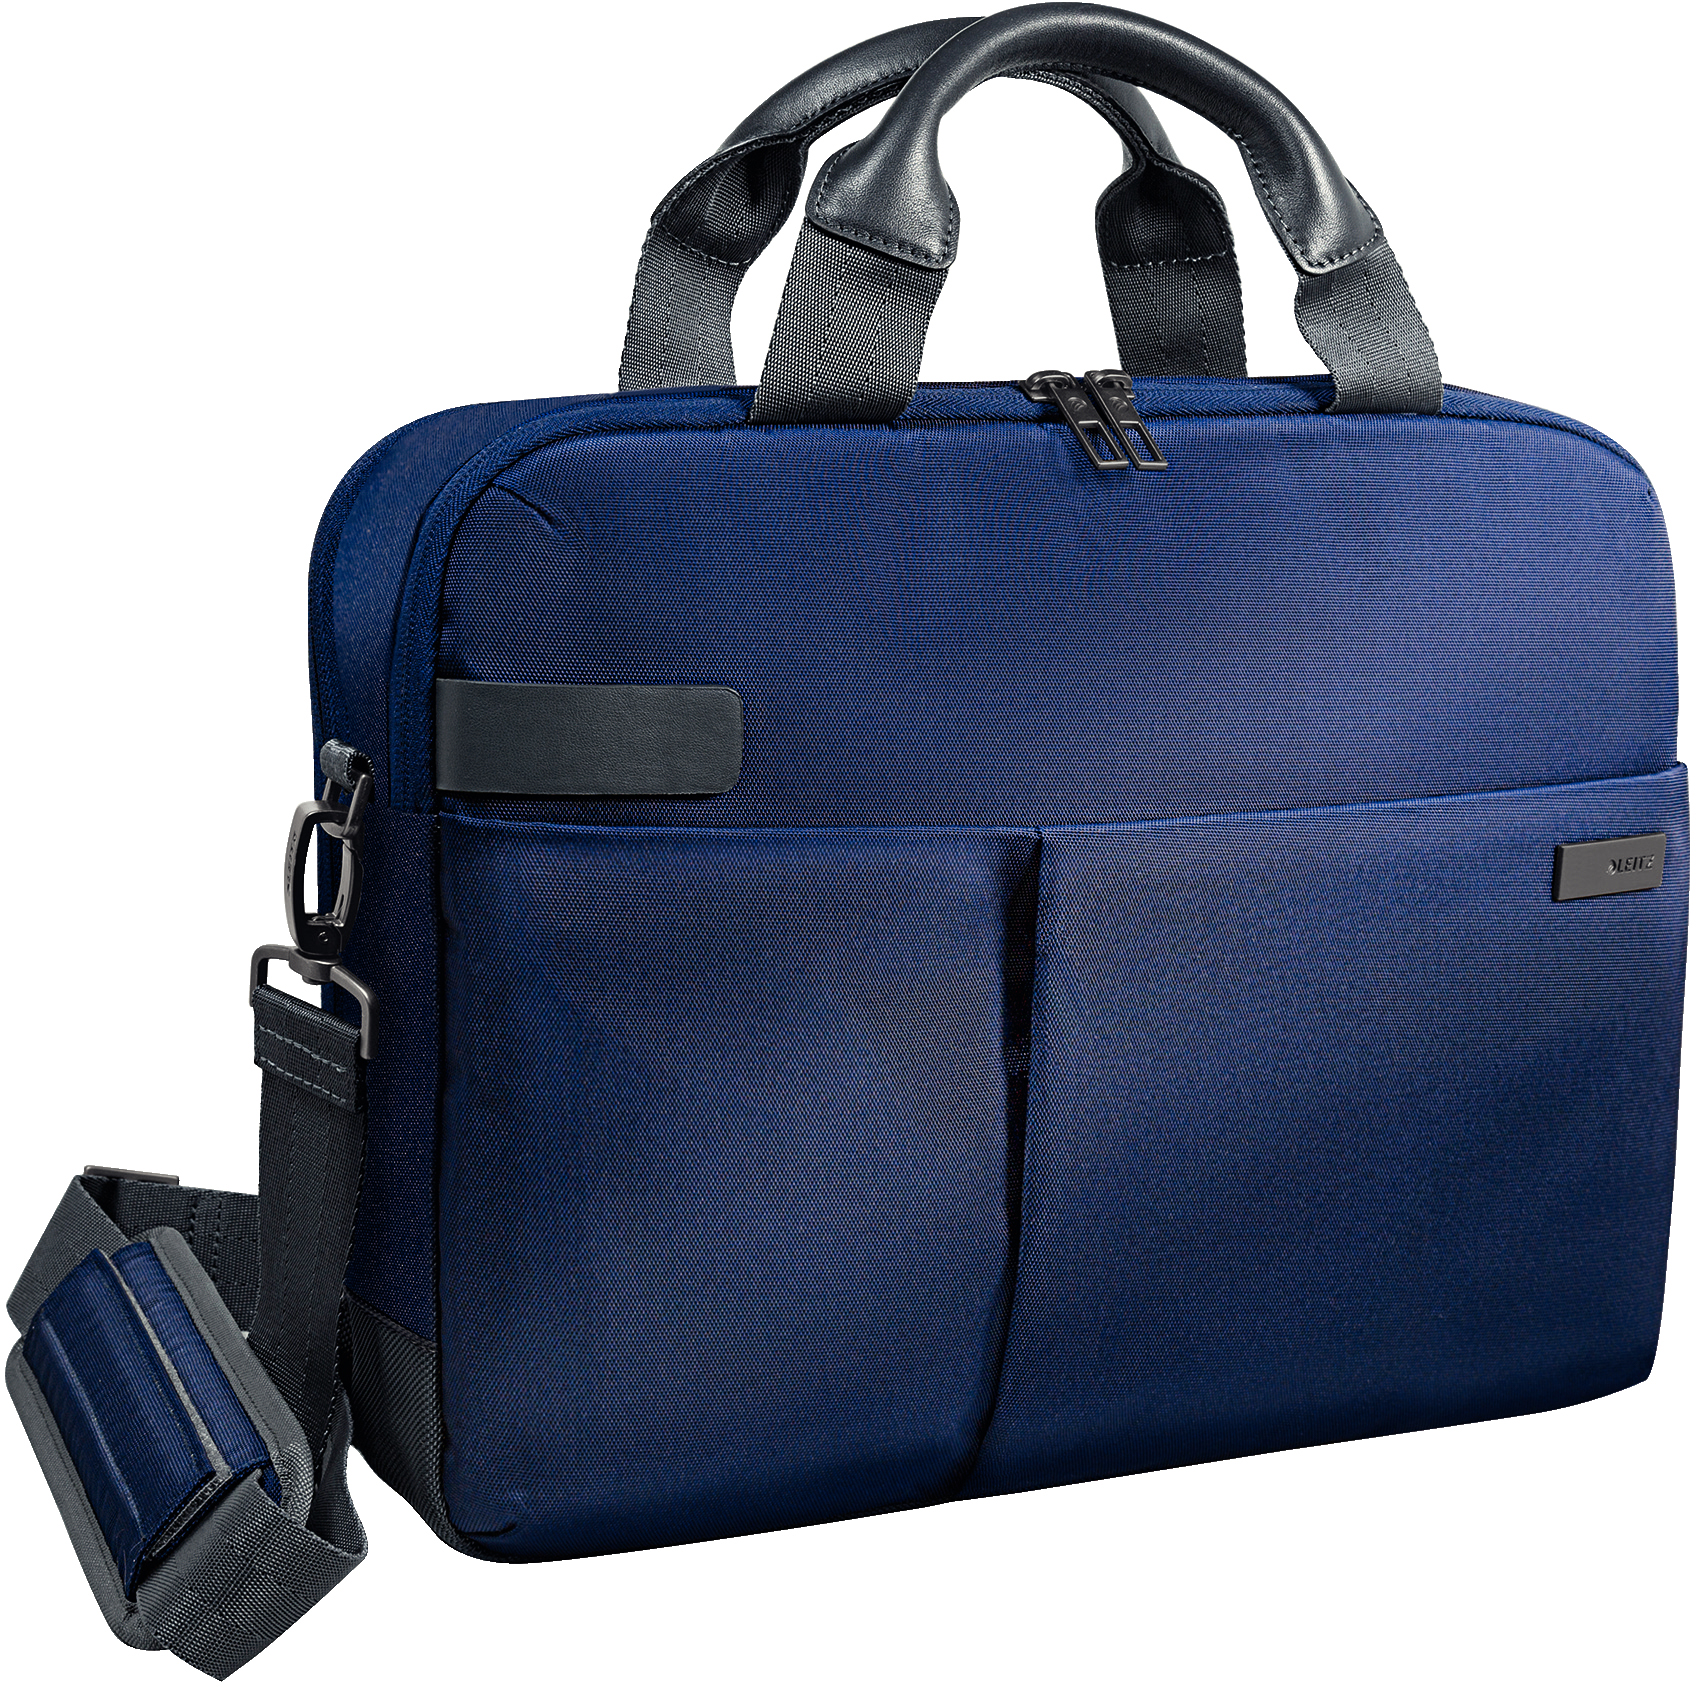 LEITZ Complete Laptop-Tasche Smart Traveller für 13,3 Zoll Laptop in titan blau